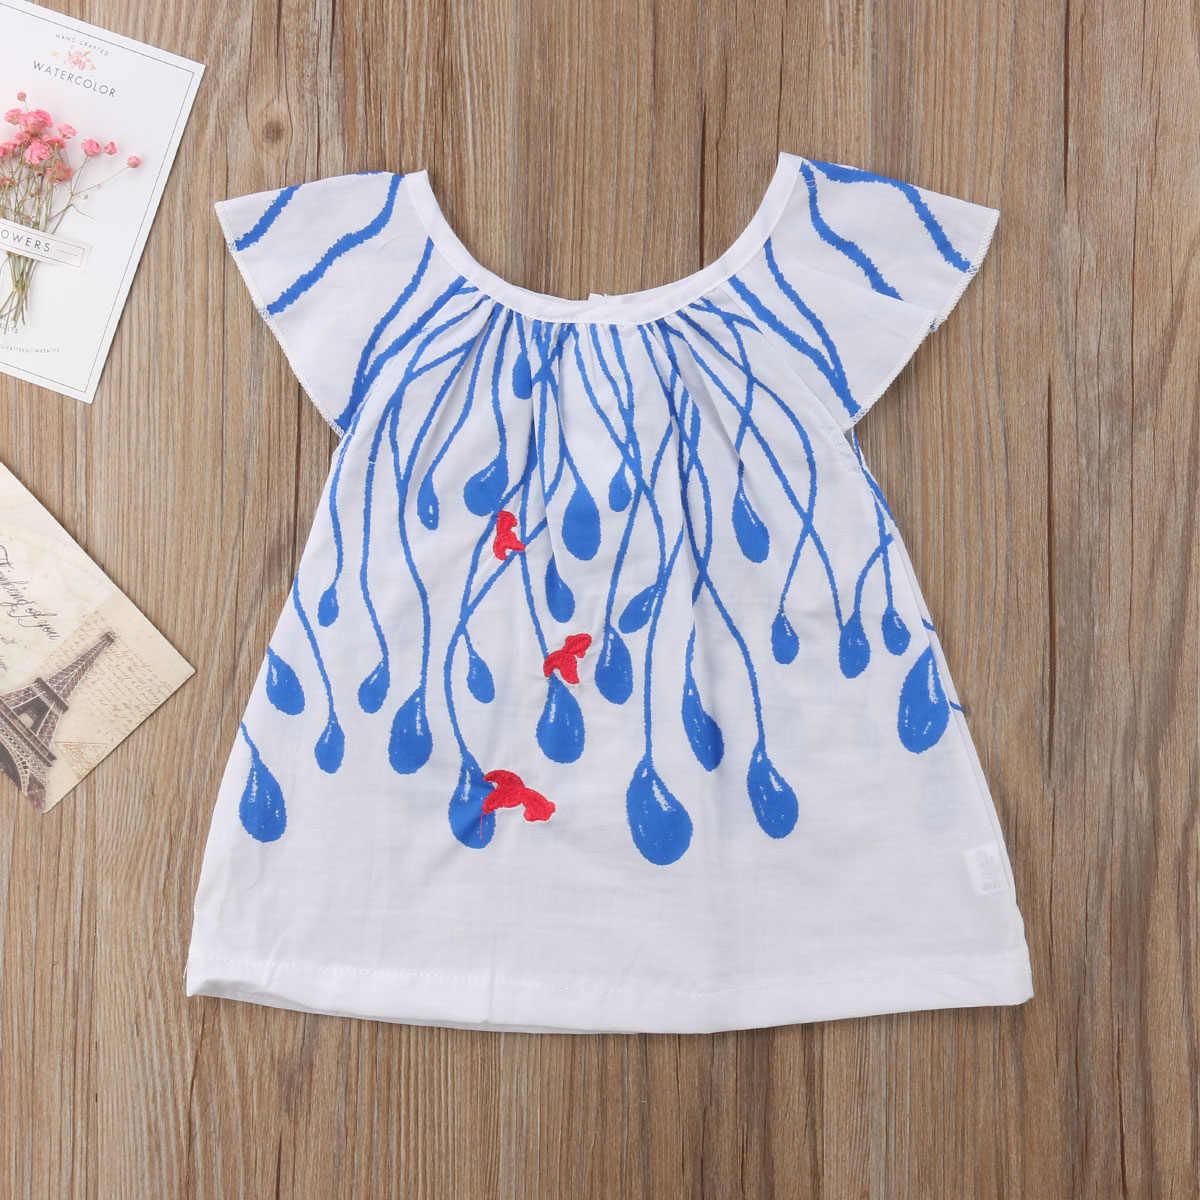 2018 Фирменная Новинка принцессы для новорожденных для маленьких девочек Летний комбинезон платье Боди Наряд водных растений Золотая рыбка женский пляжный костюм